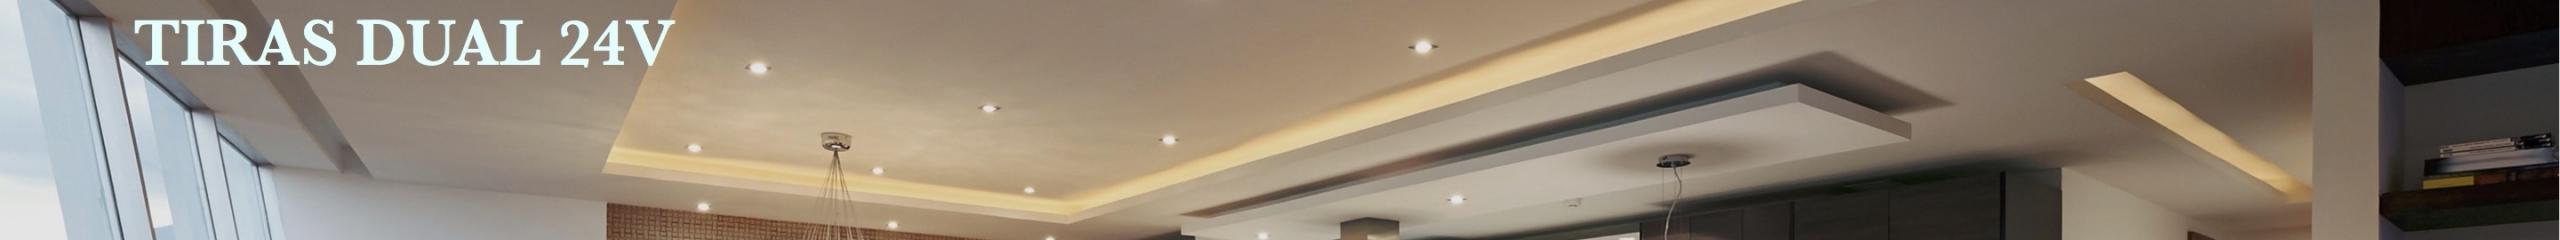 Tiras LED Dual 24V